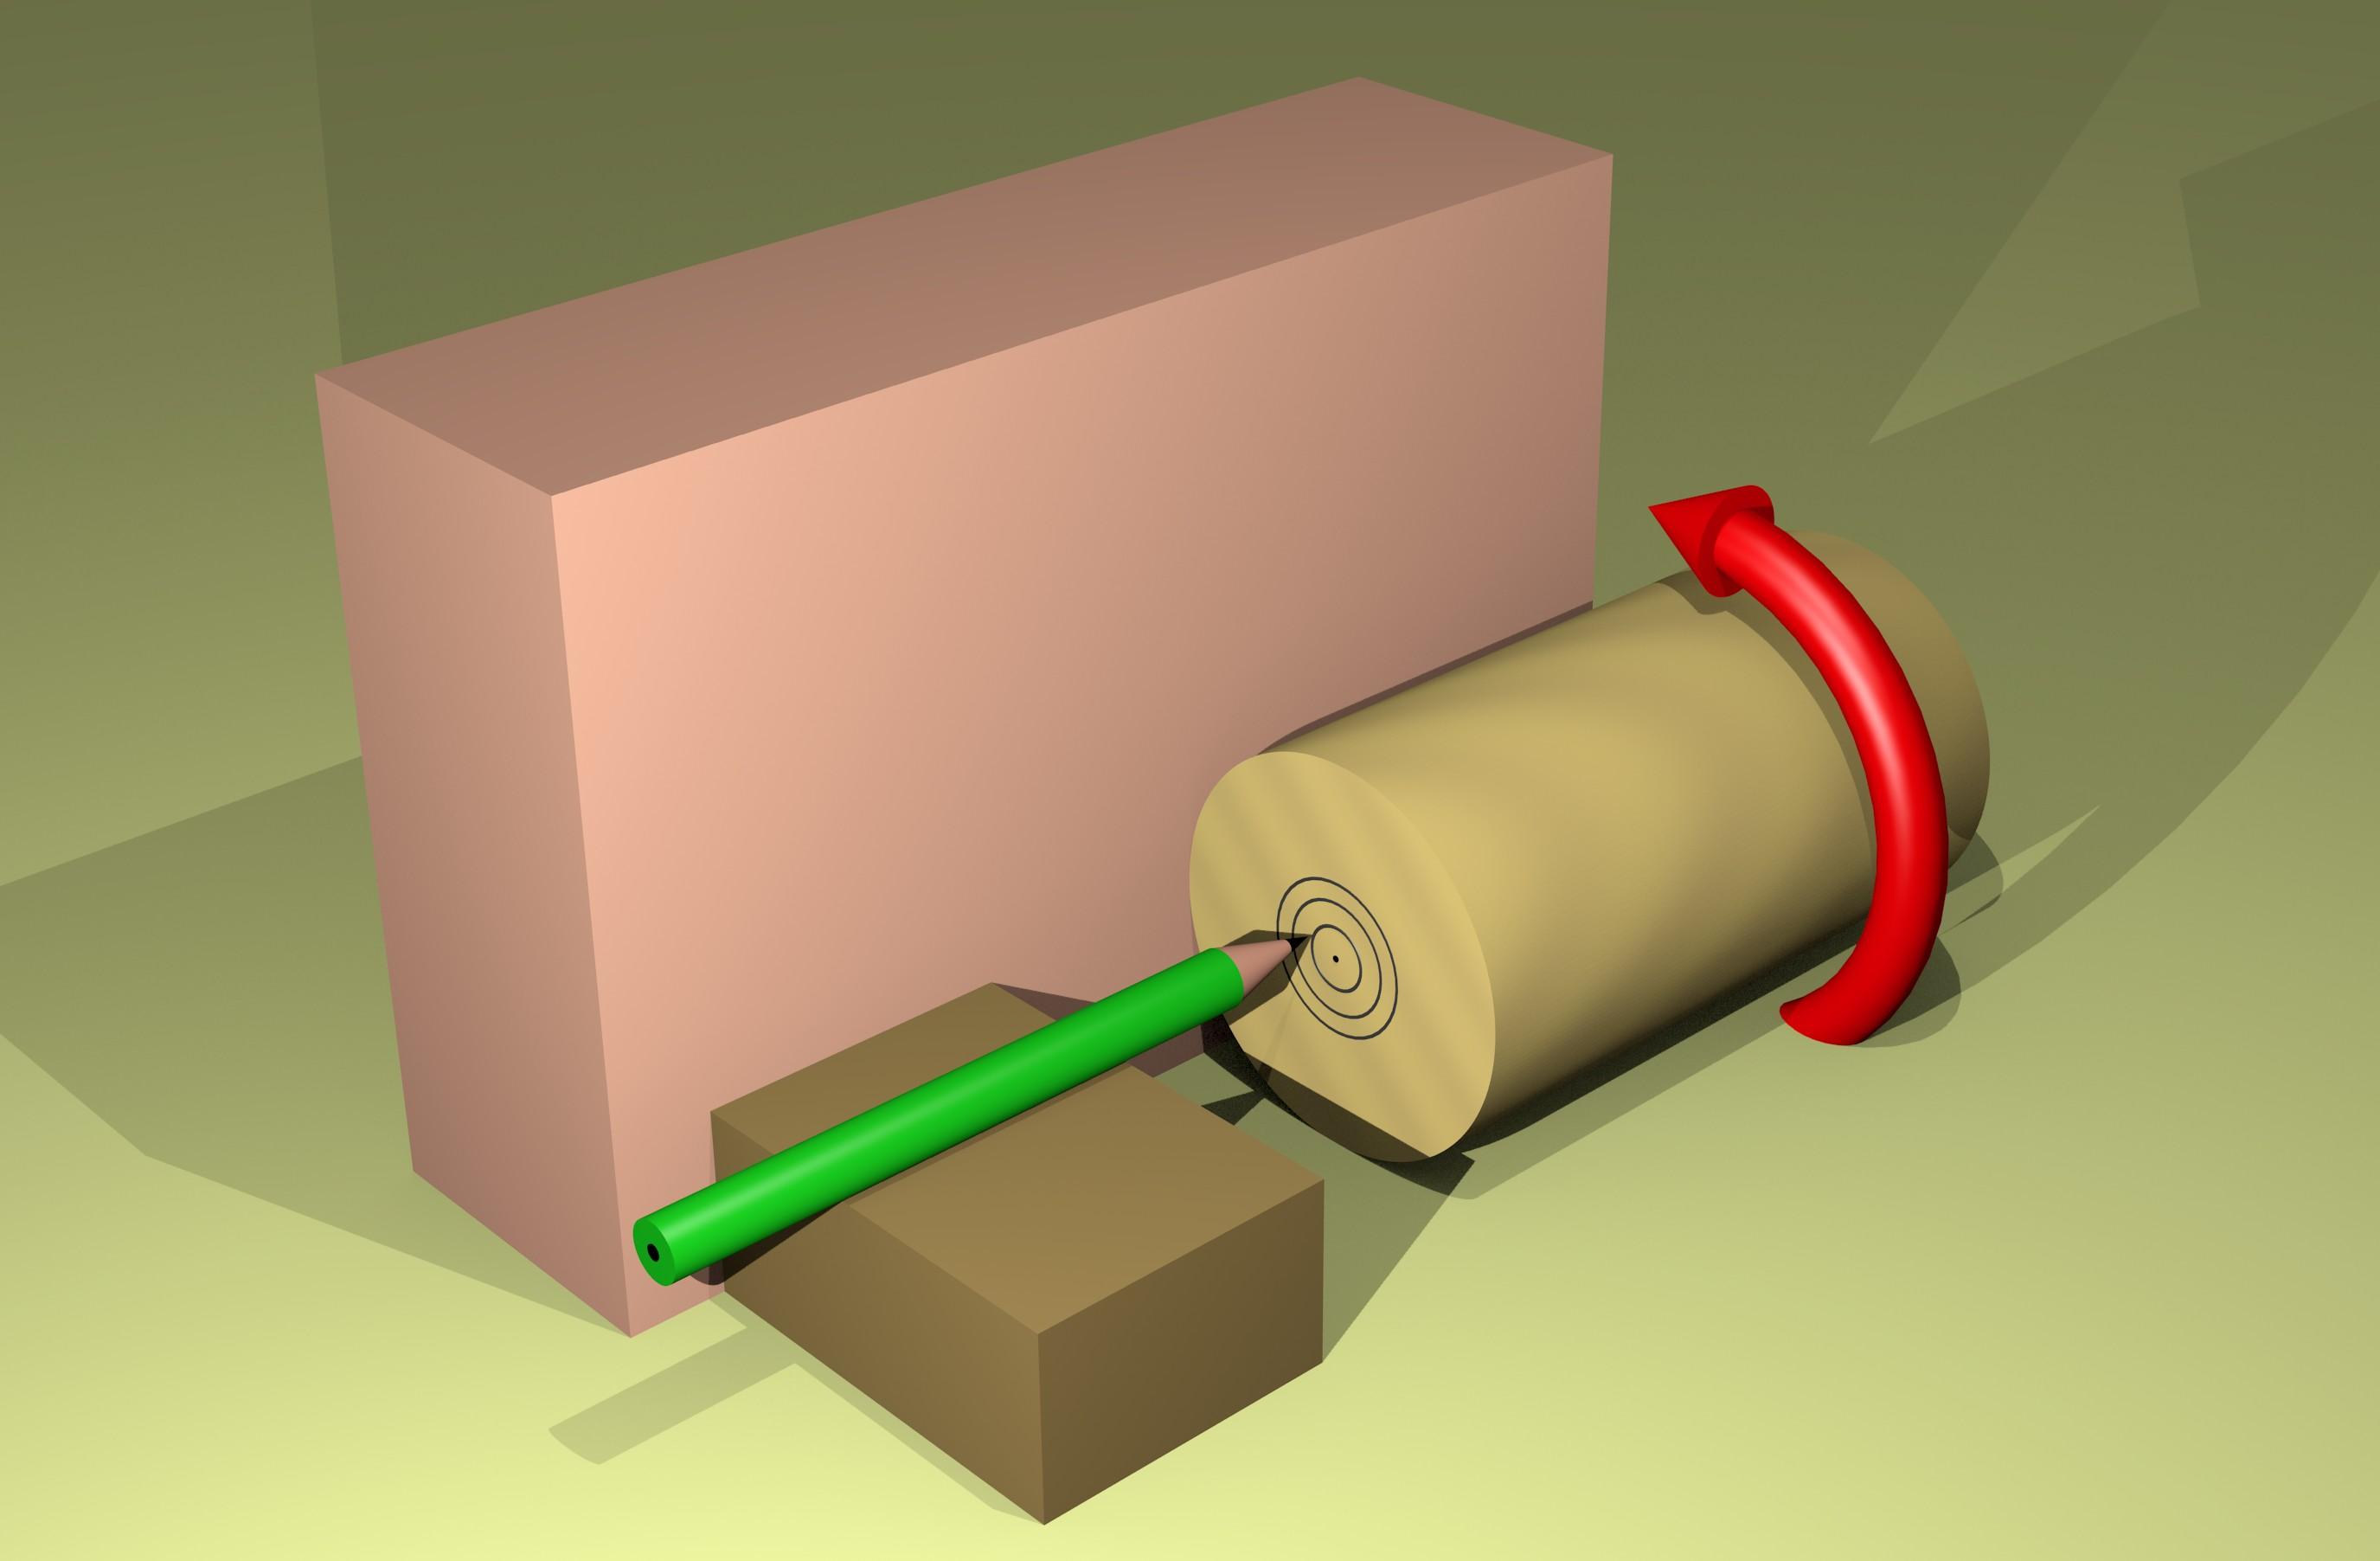 Figura 1: ruotando il tondino e segnando con la matita si trova facilmente il centro